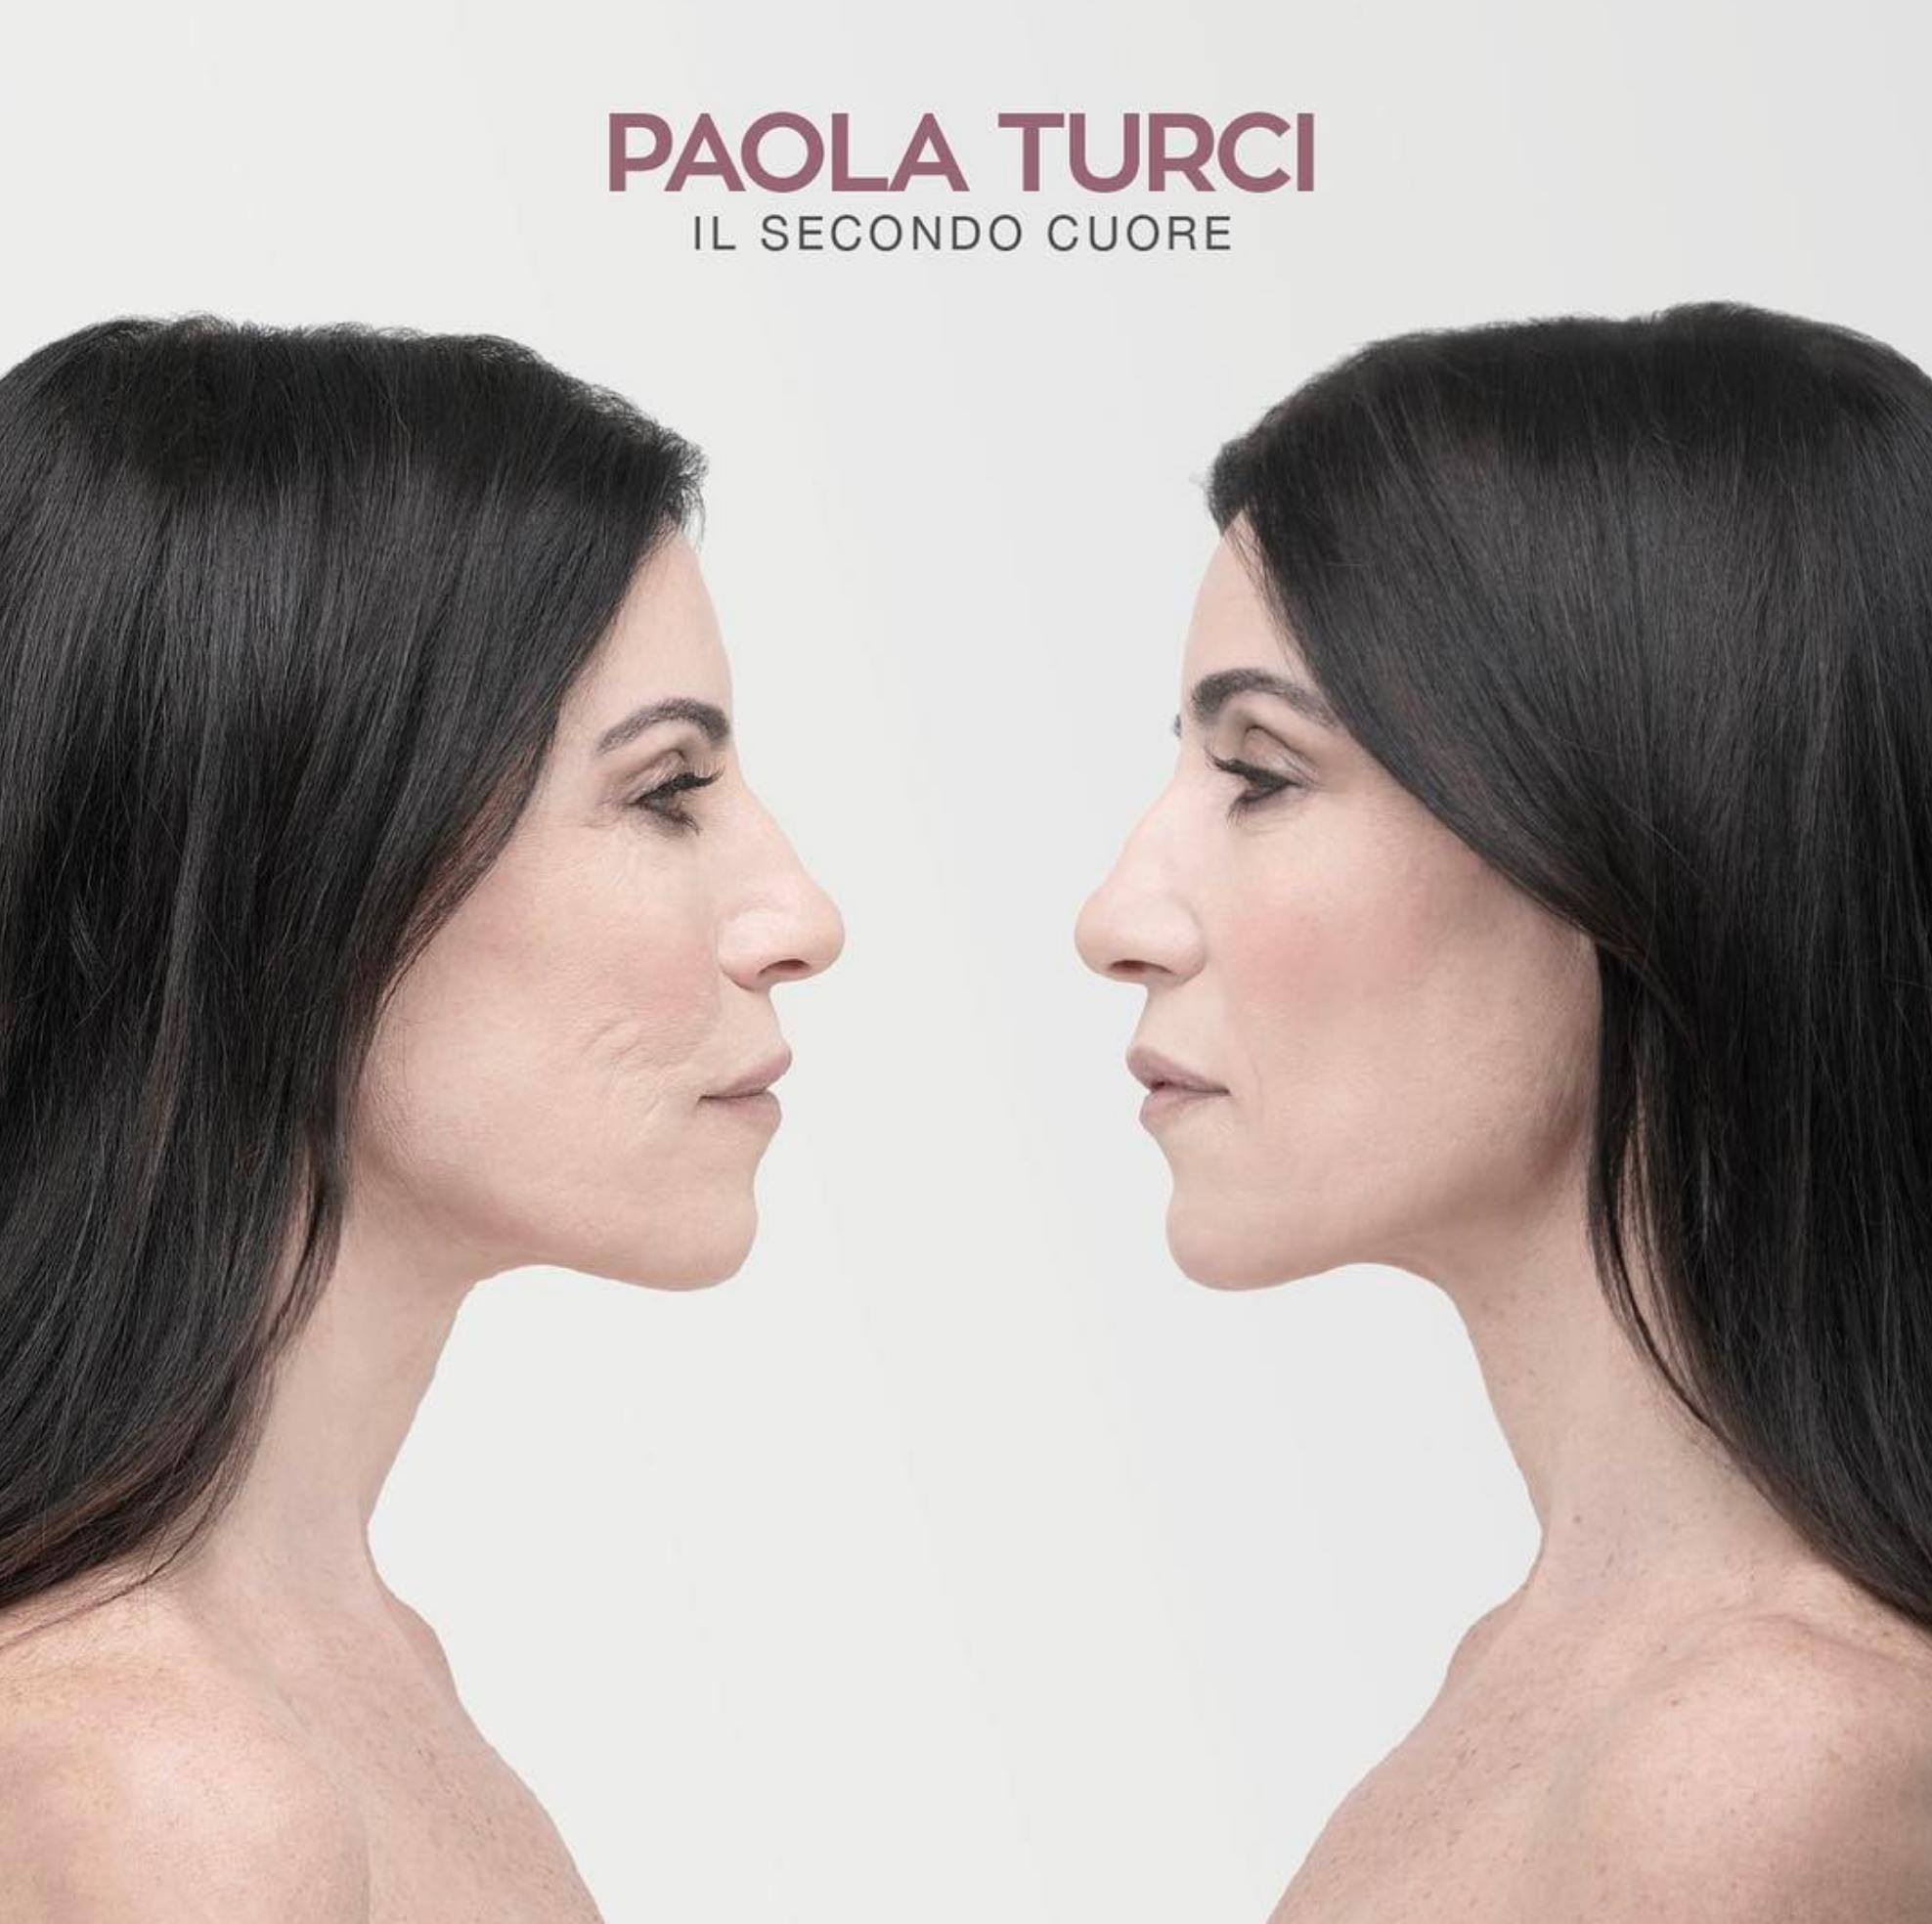 BUBINO-RECENSIONI: PAOLA TURCI <br>(a cura di Cristian)